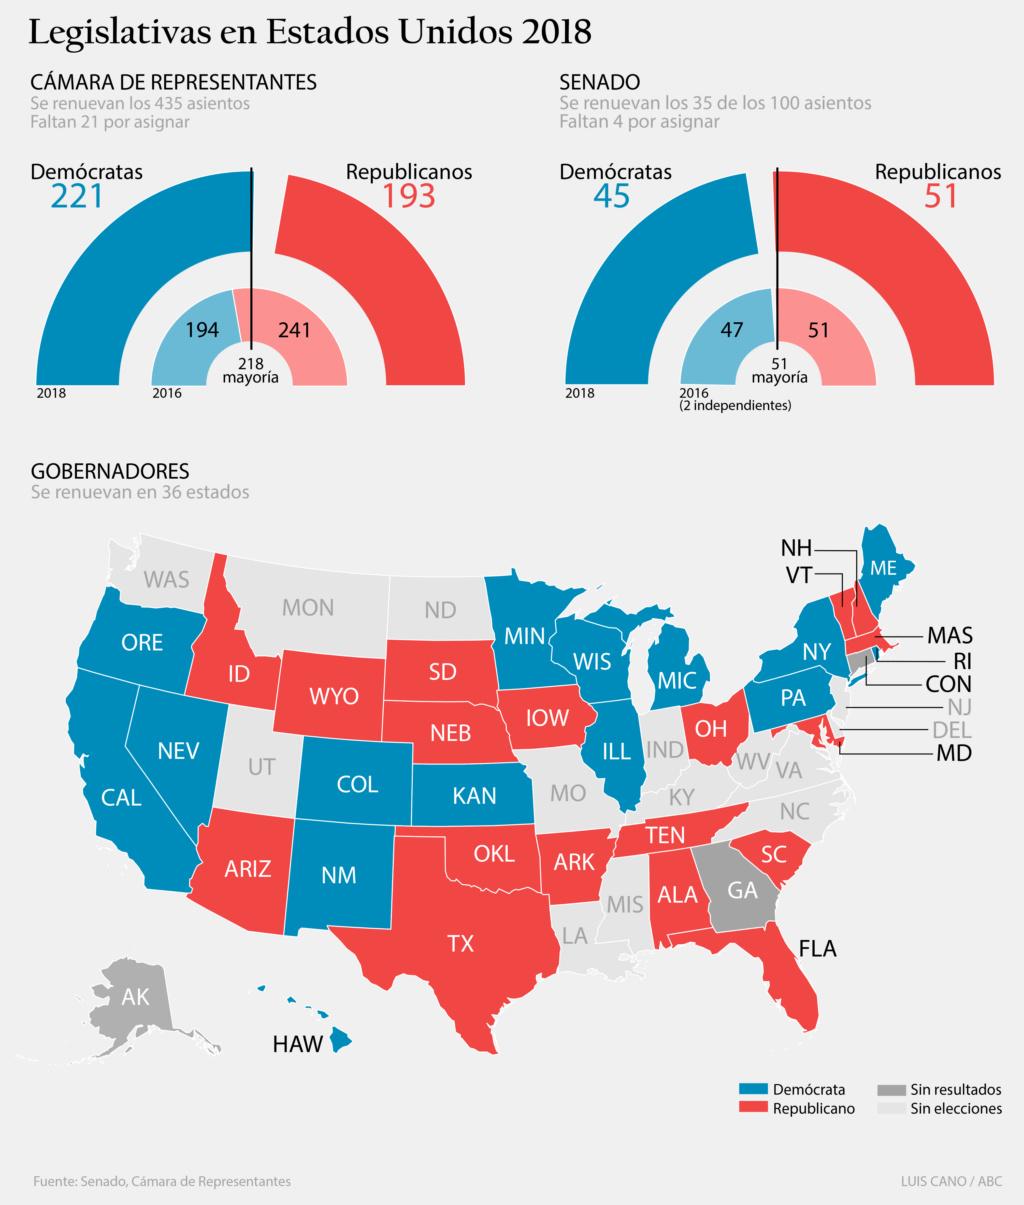 EEUU Elecciones 2016 y movimientos burgueses posteriores. Comenta un burgués europeo y capacitado. - Página 10 Mapa-u10